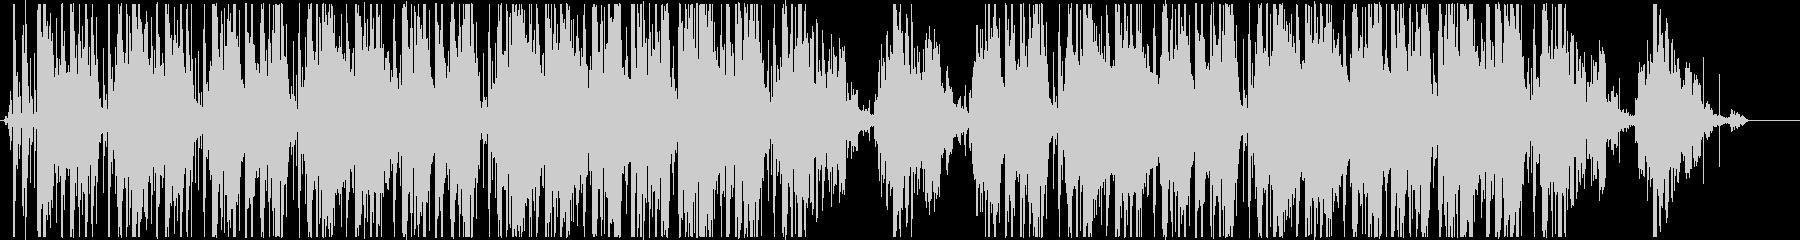 Lo-Fi、ジャジーなヒップホップの未再生の波形